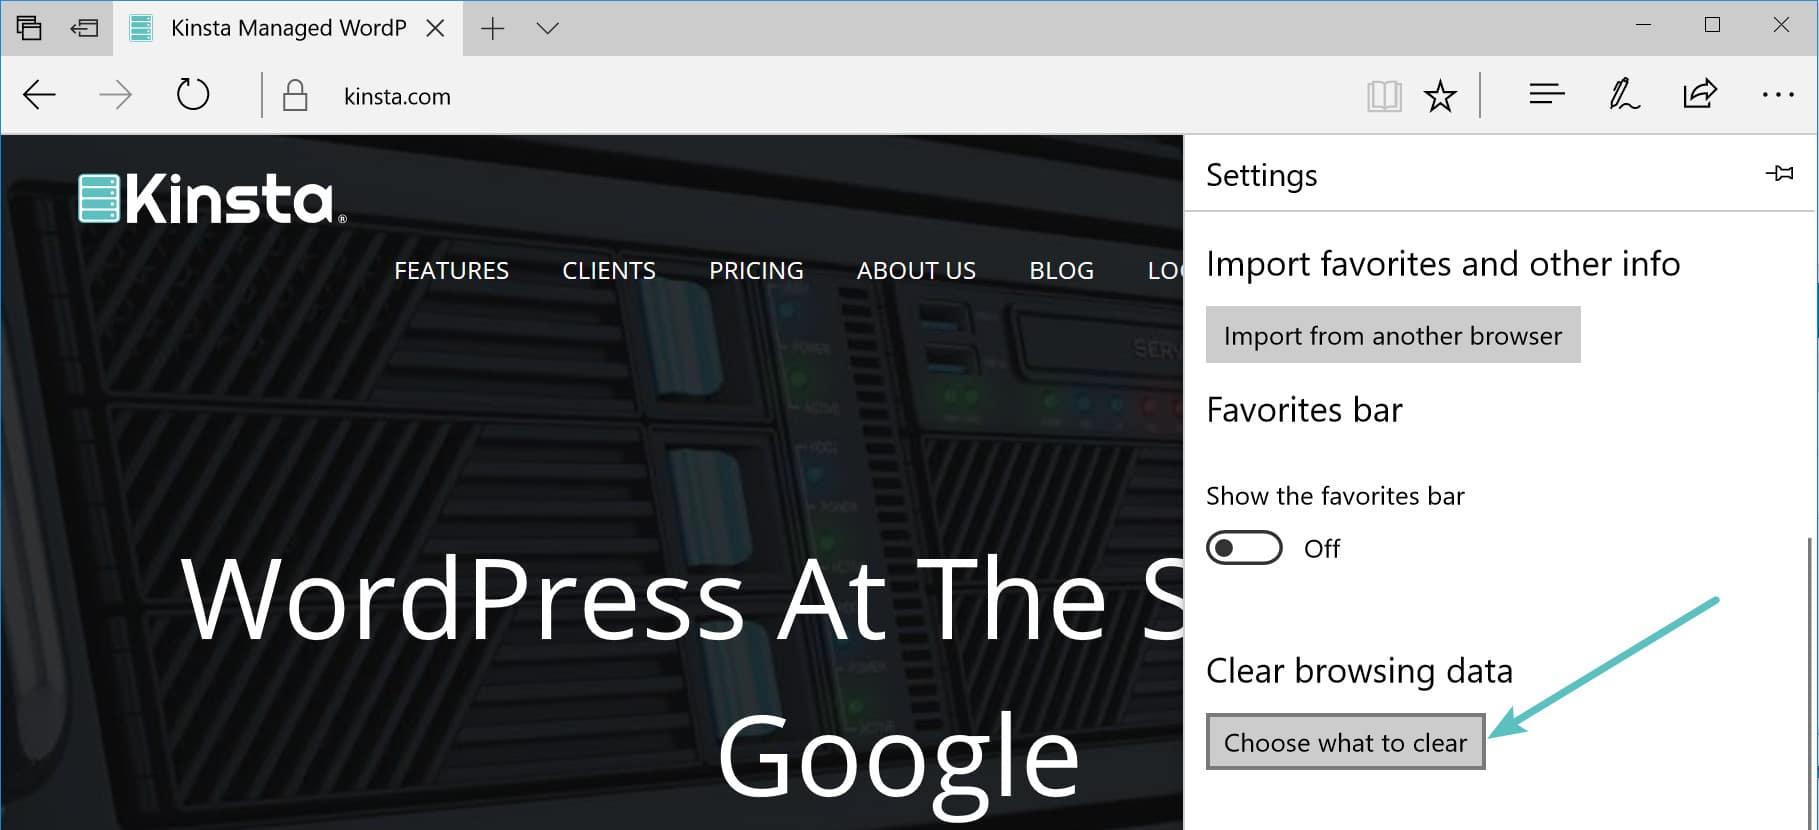 Escolher o que quer limpar no Microsoft Edge